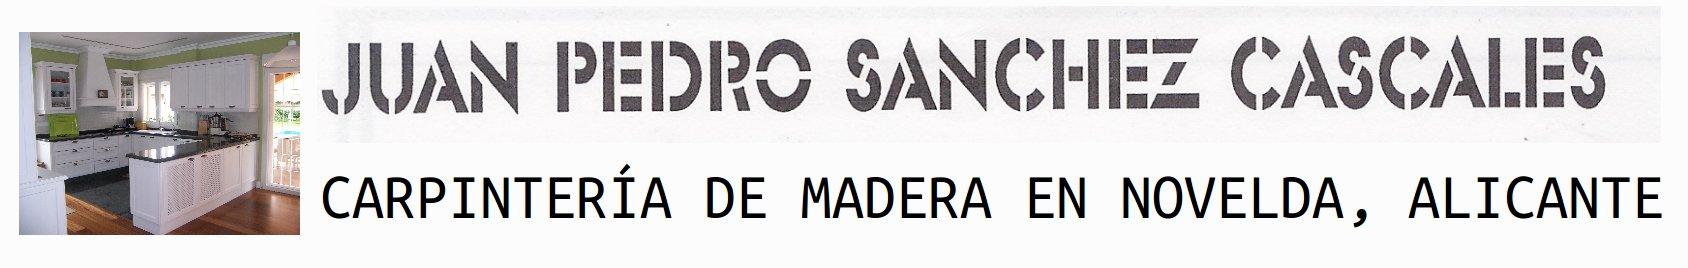 Carpintería Juan Pedro Sánchez Cascales